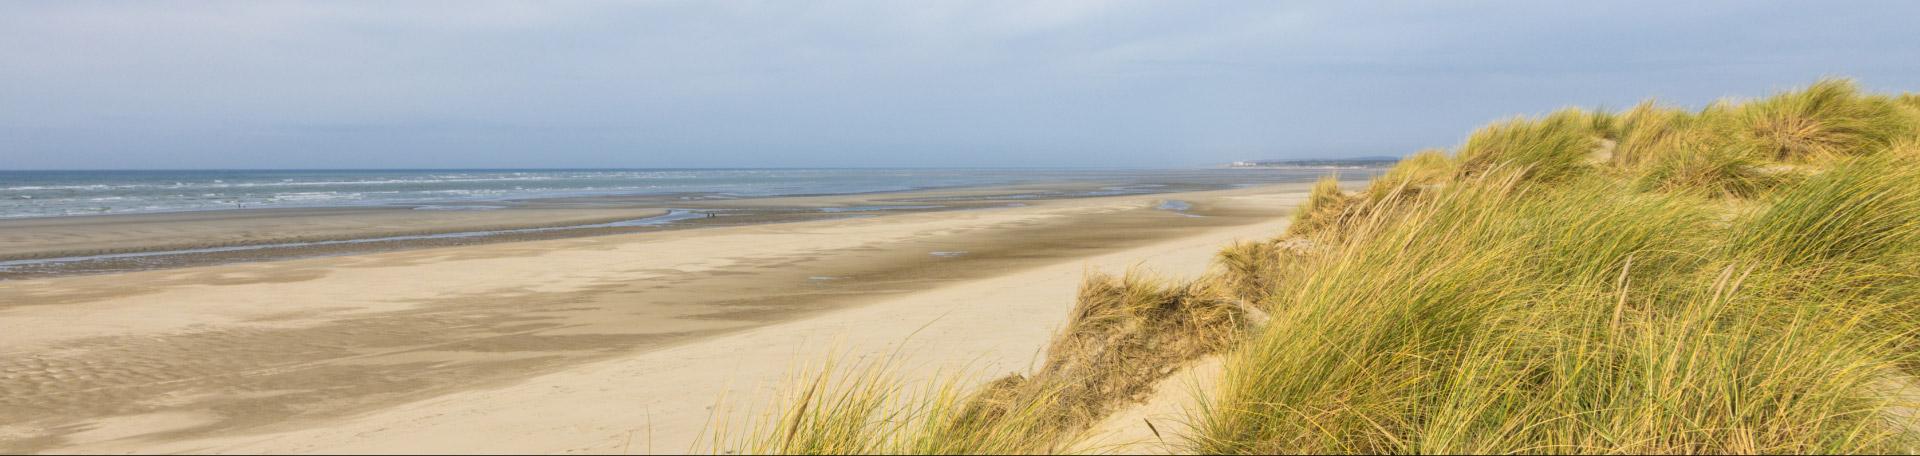 La route du Poisson, plage de boulogne-sur-mer